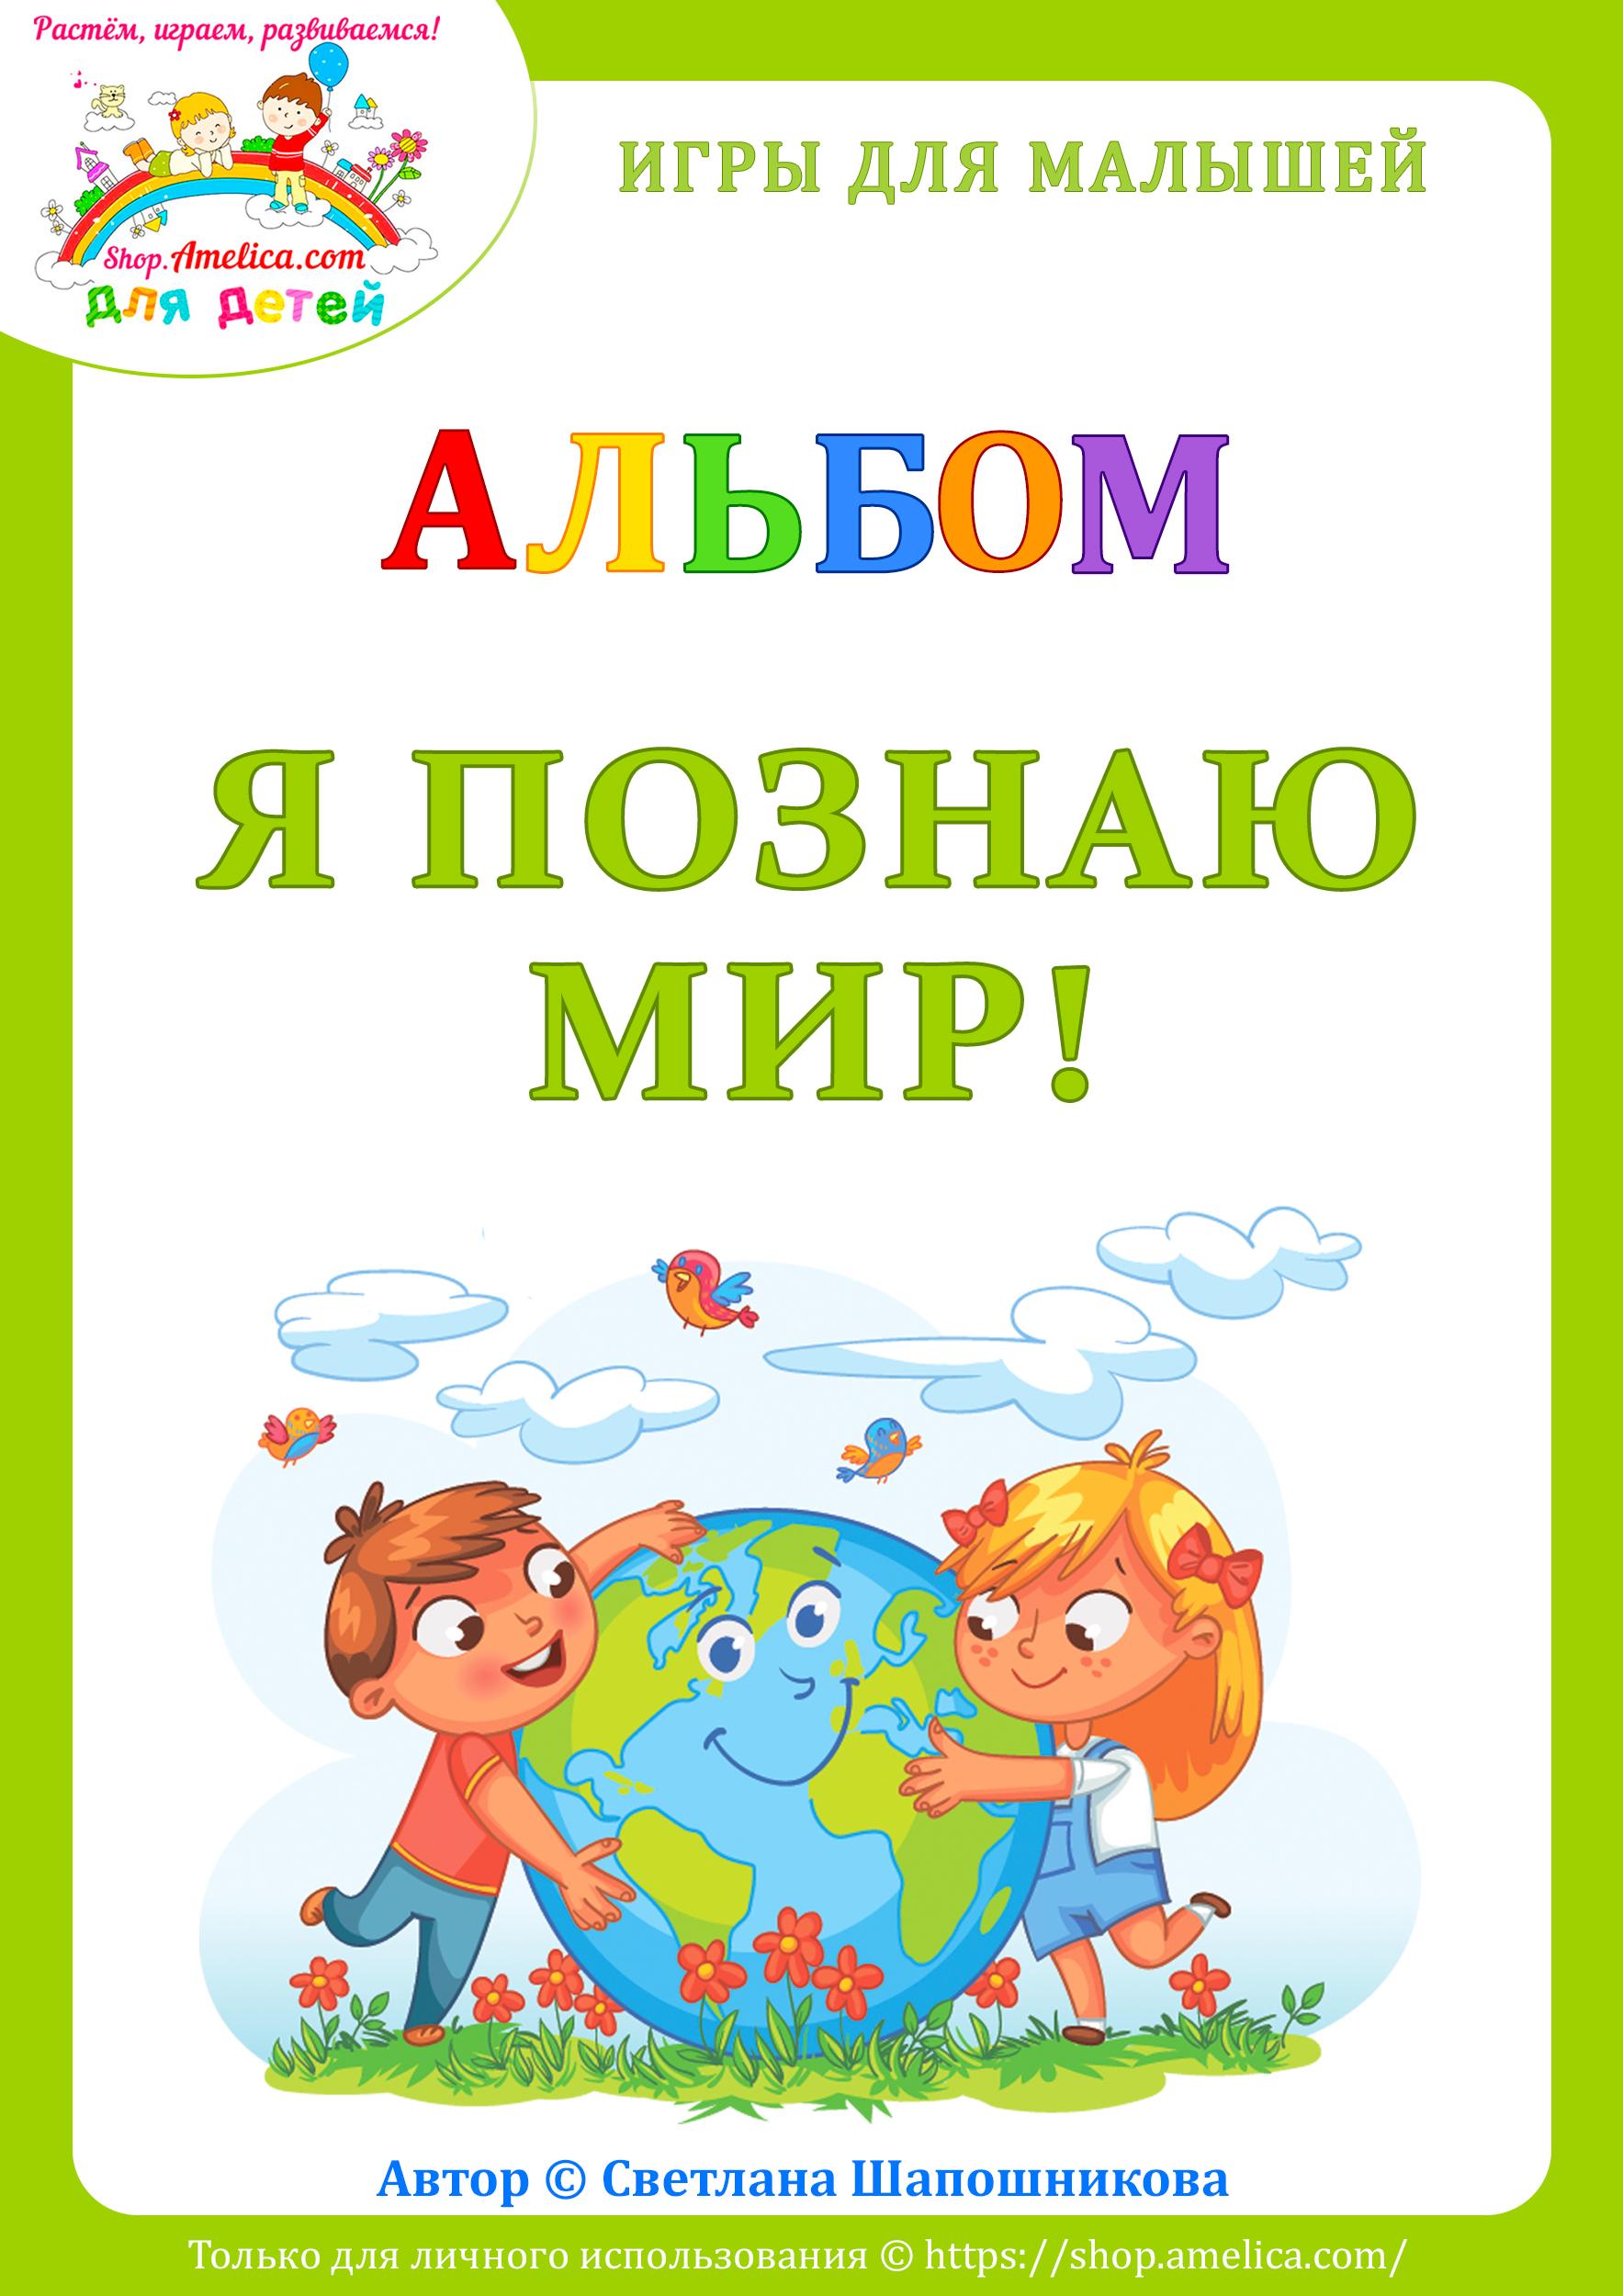 я познаю мир для малышей в картинках брат далеко поздравить